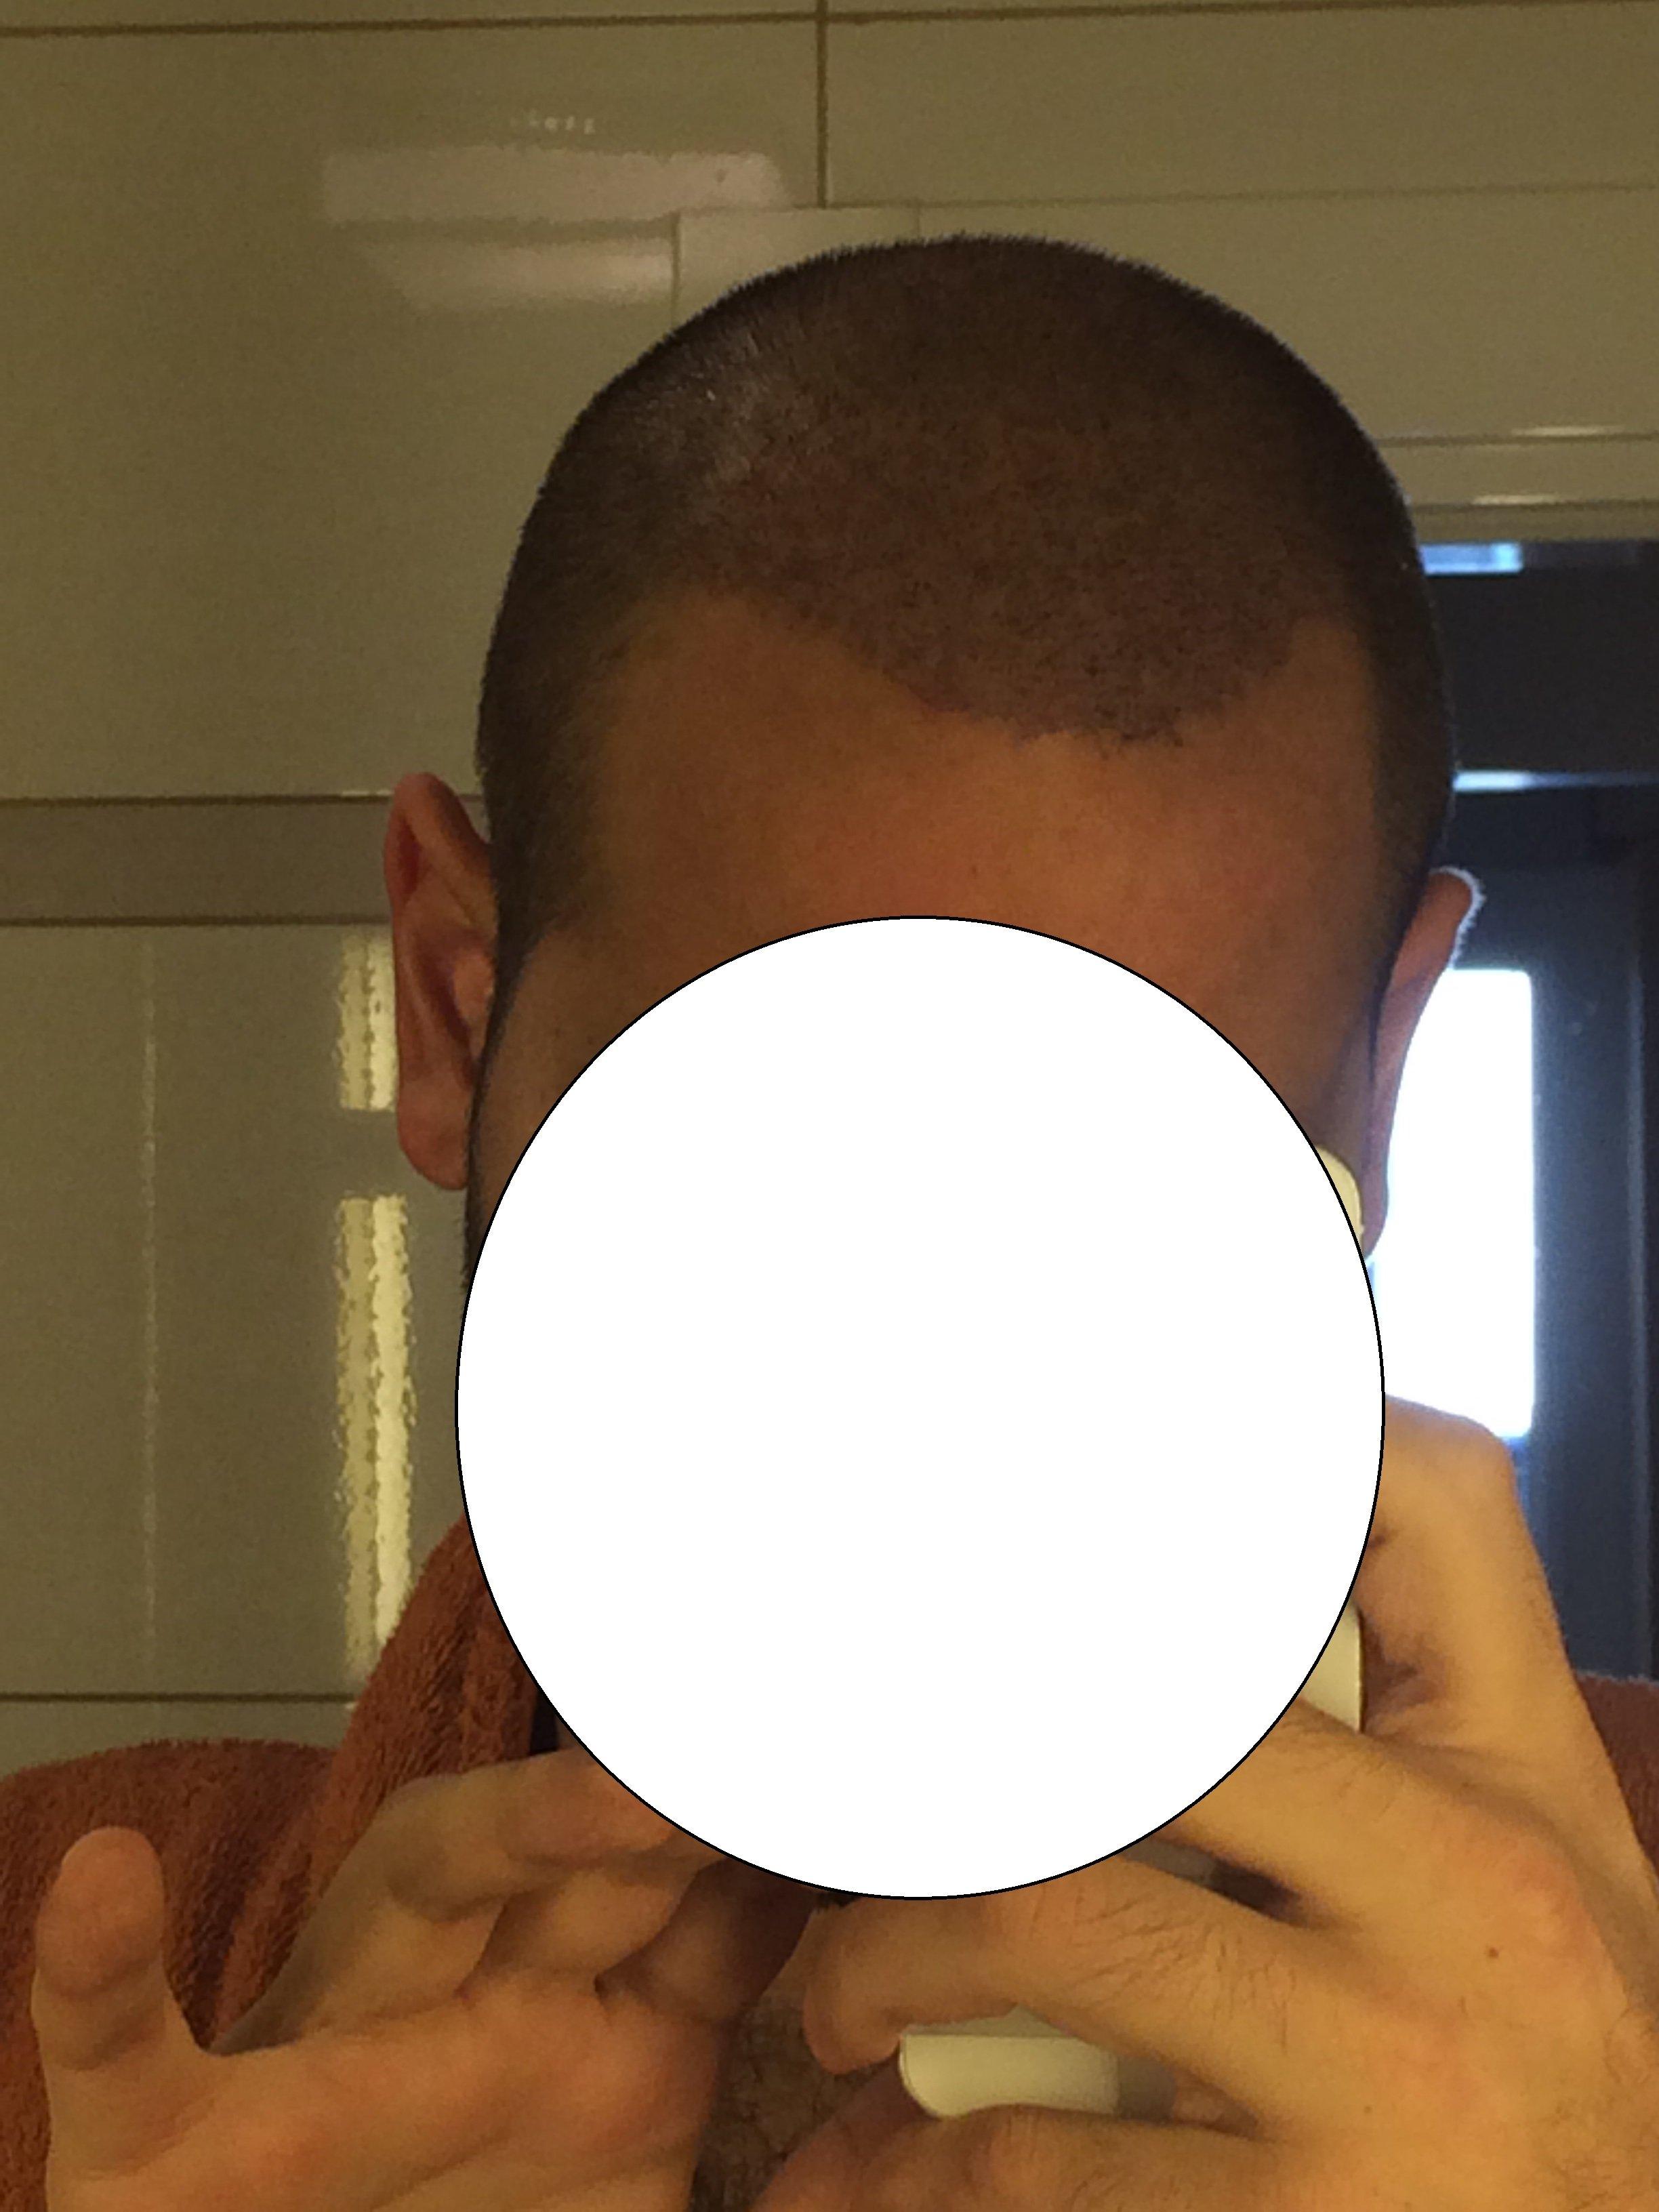 Saç Ekimi ihtiyacım için 1 yıl sonunda doğru adresi buldum ve sonuç harika oldu çok memnunum. Yorum sizin.